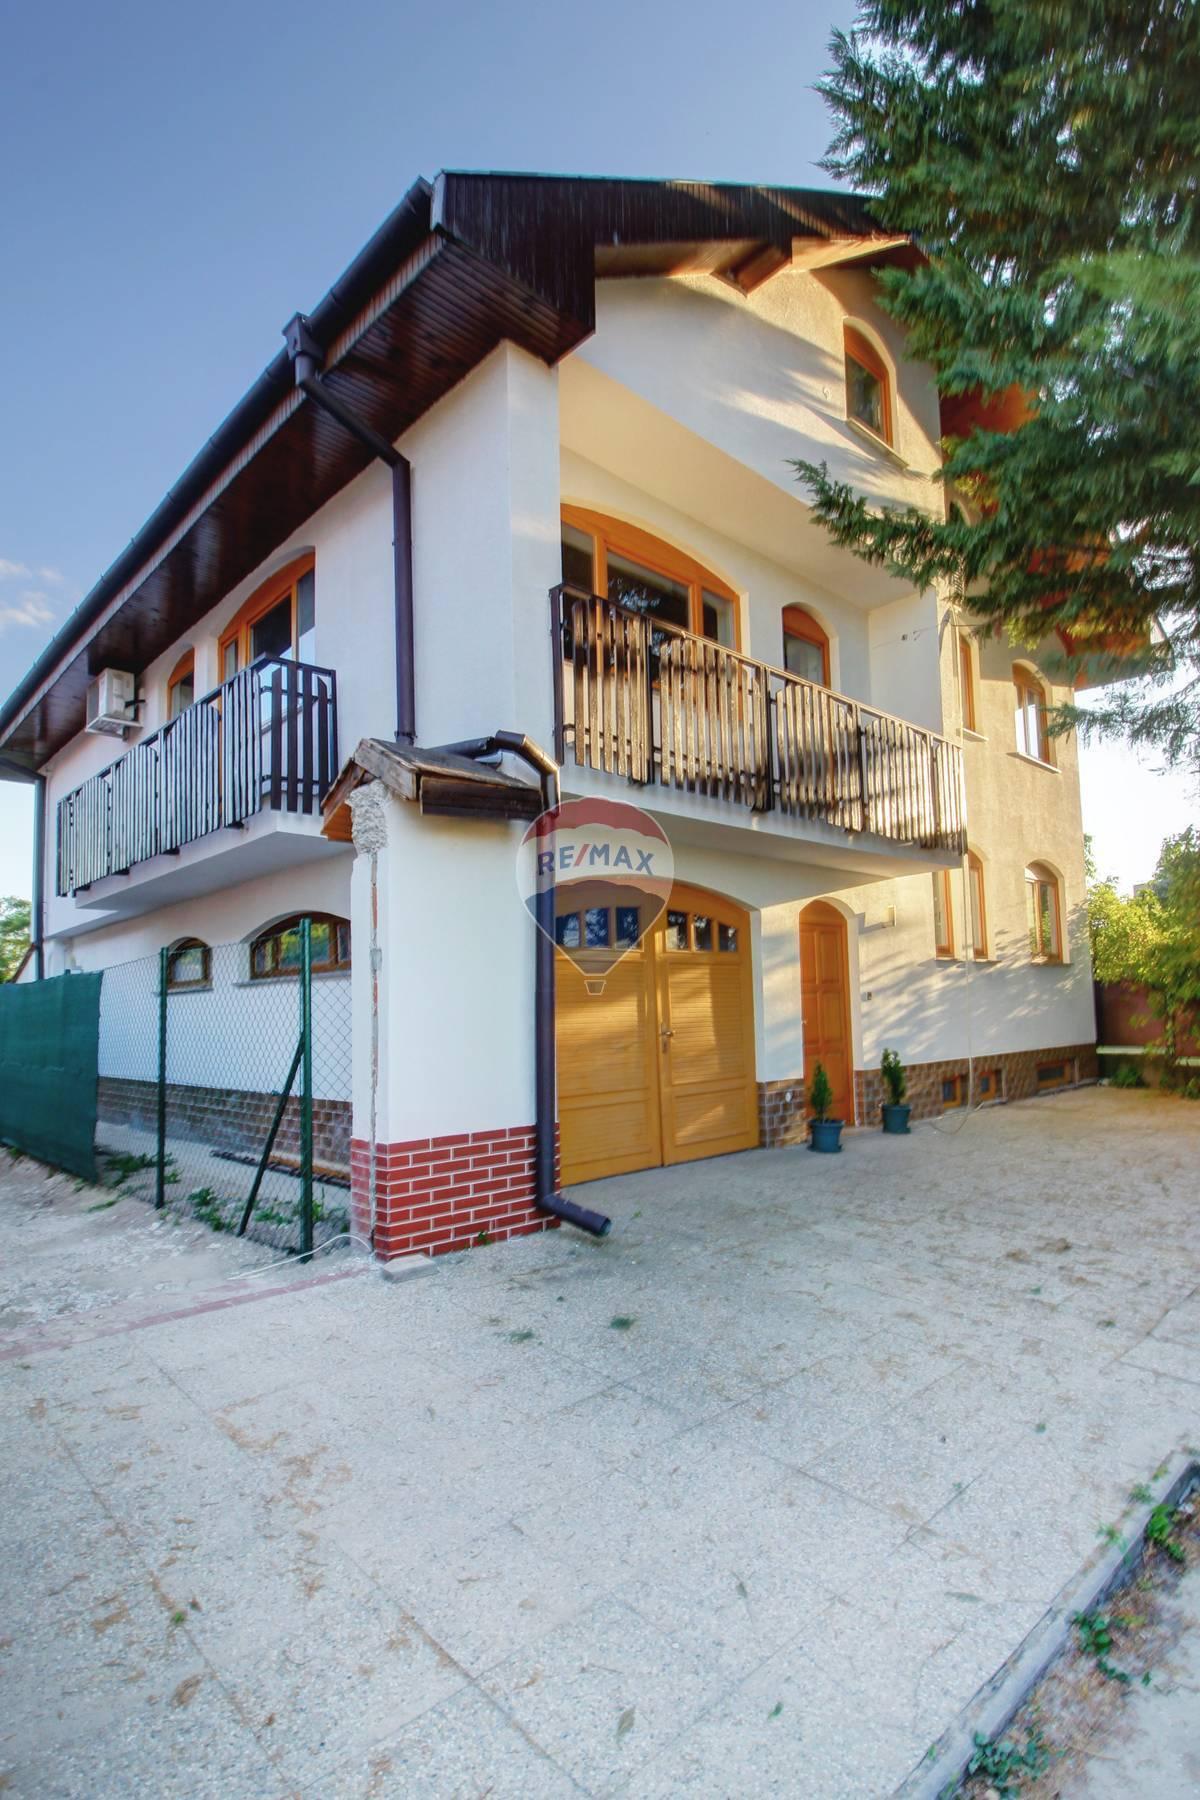 Predaj domu 383 m2, Šamorín - Na predaj 7 izbový  rodinný dom s garážou a bazénom v Šamoríne, časť Mliečno